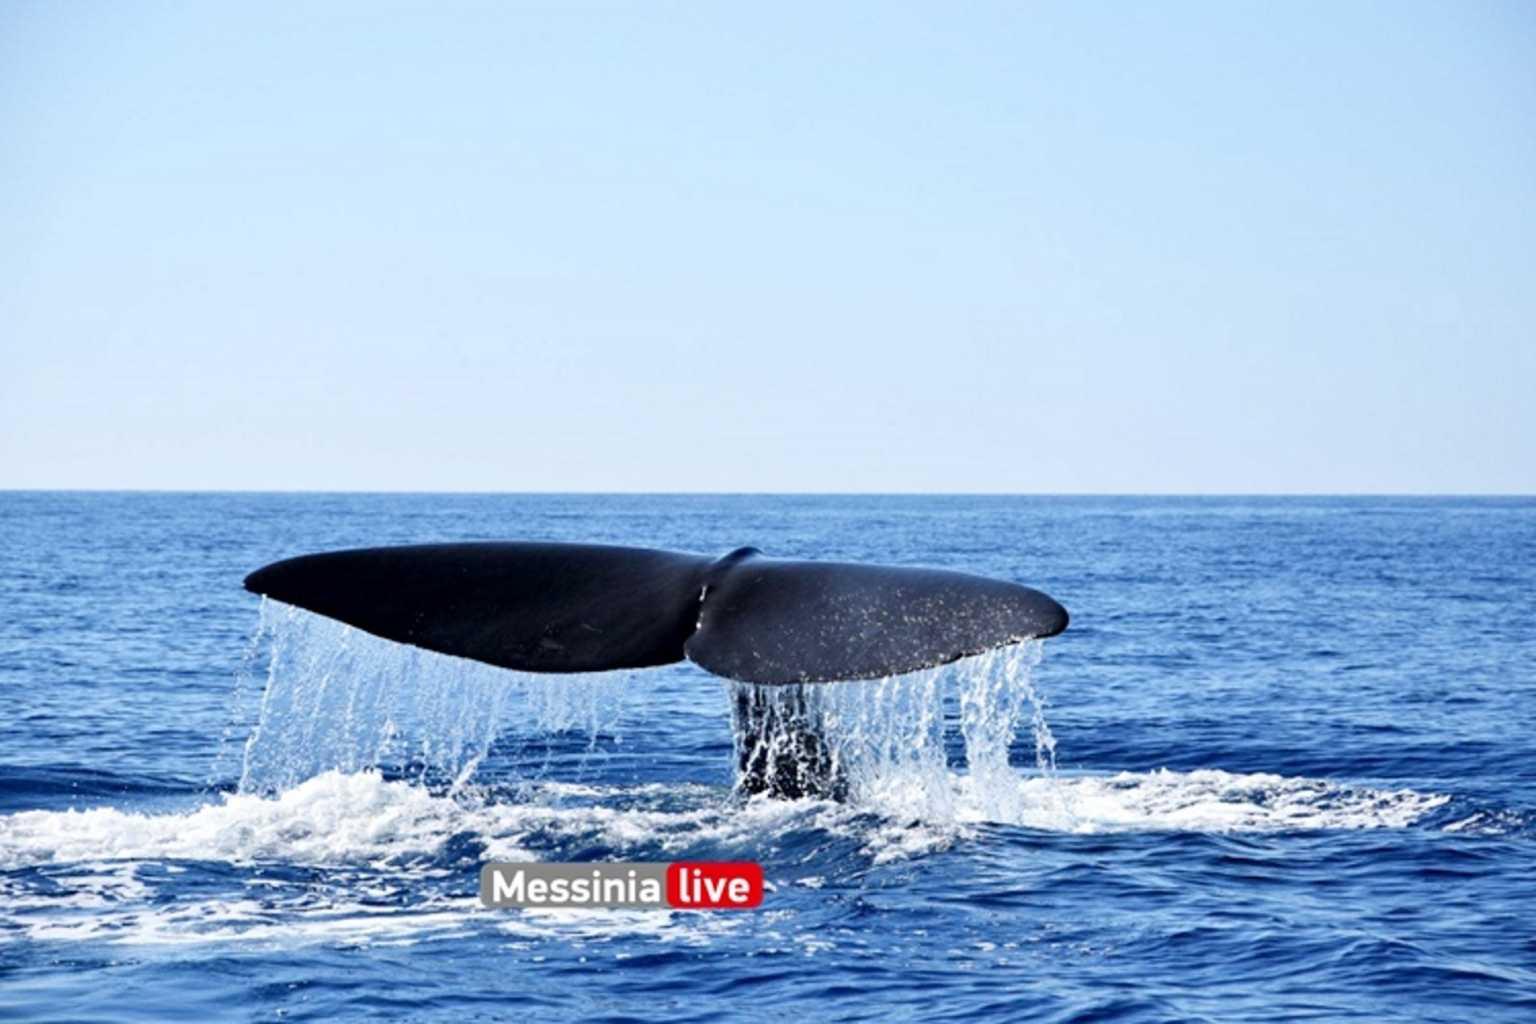 Μάνη: Η στιγμή που τεράστια φάλαινα εμφανίζεται δίπλα σε σκάφος και ανεβάζει στα ύψη την αδρεναλίνη παρέας (Φωτό)